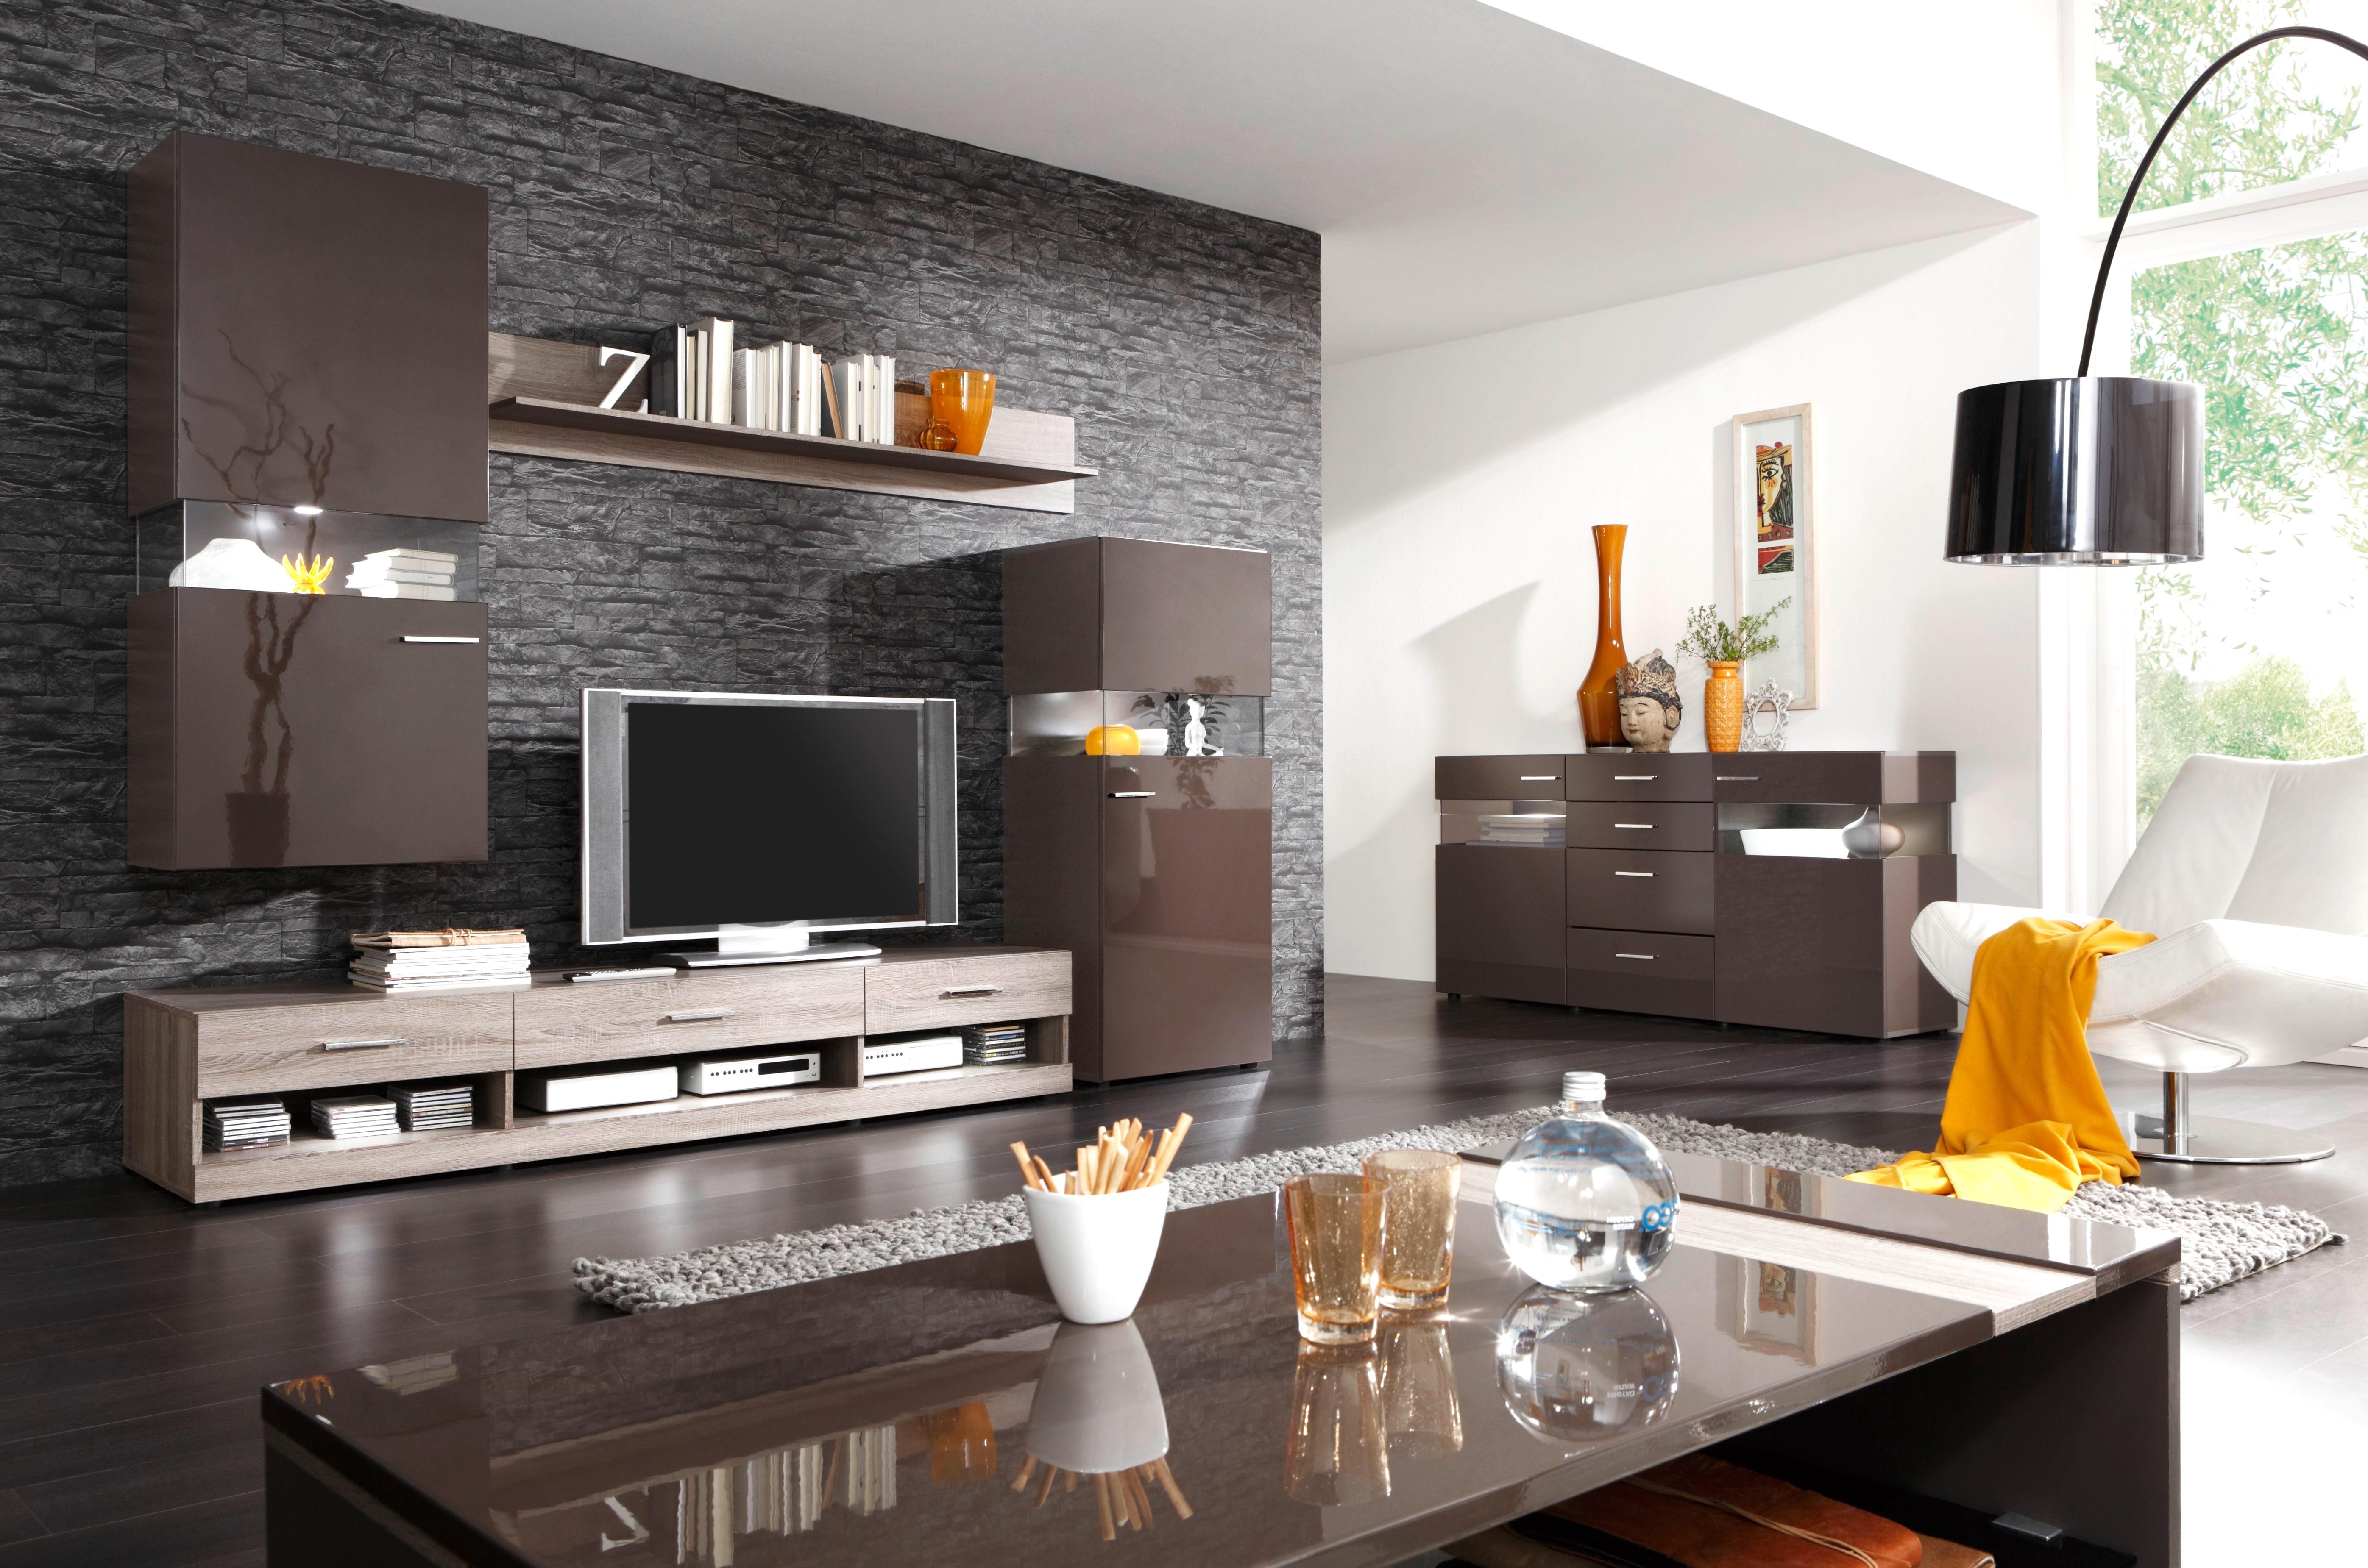 Wohnzimmer Ideen Wandgestaltung Braun Wohndesign